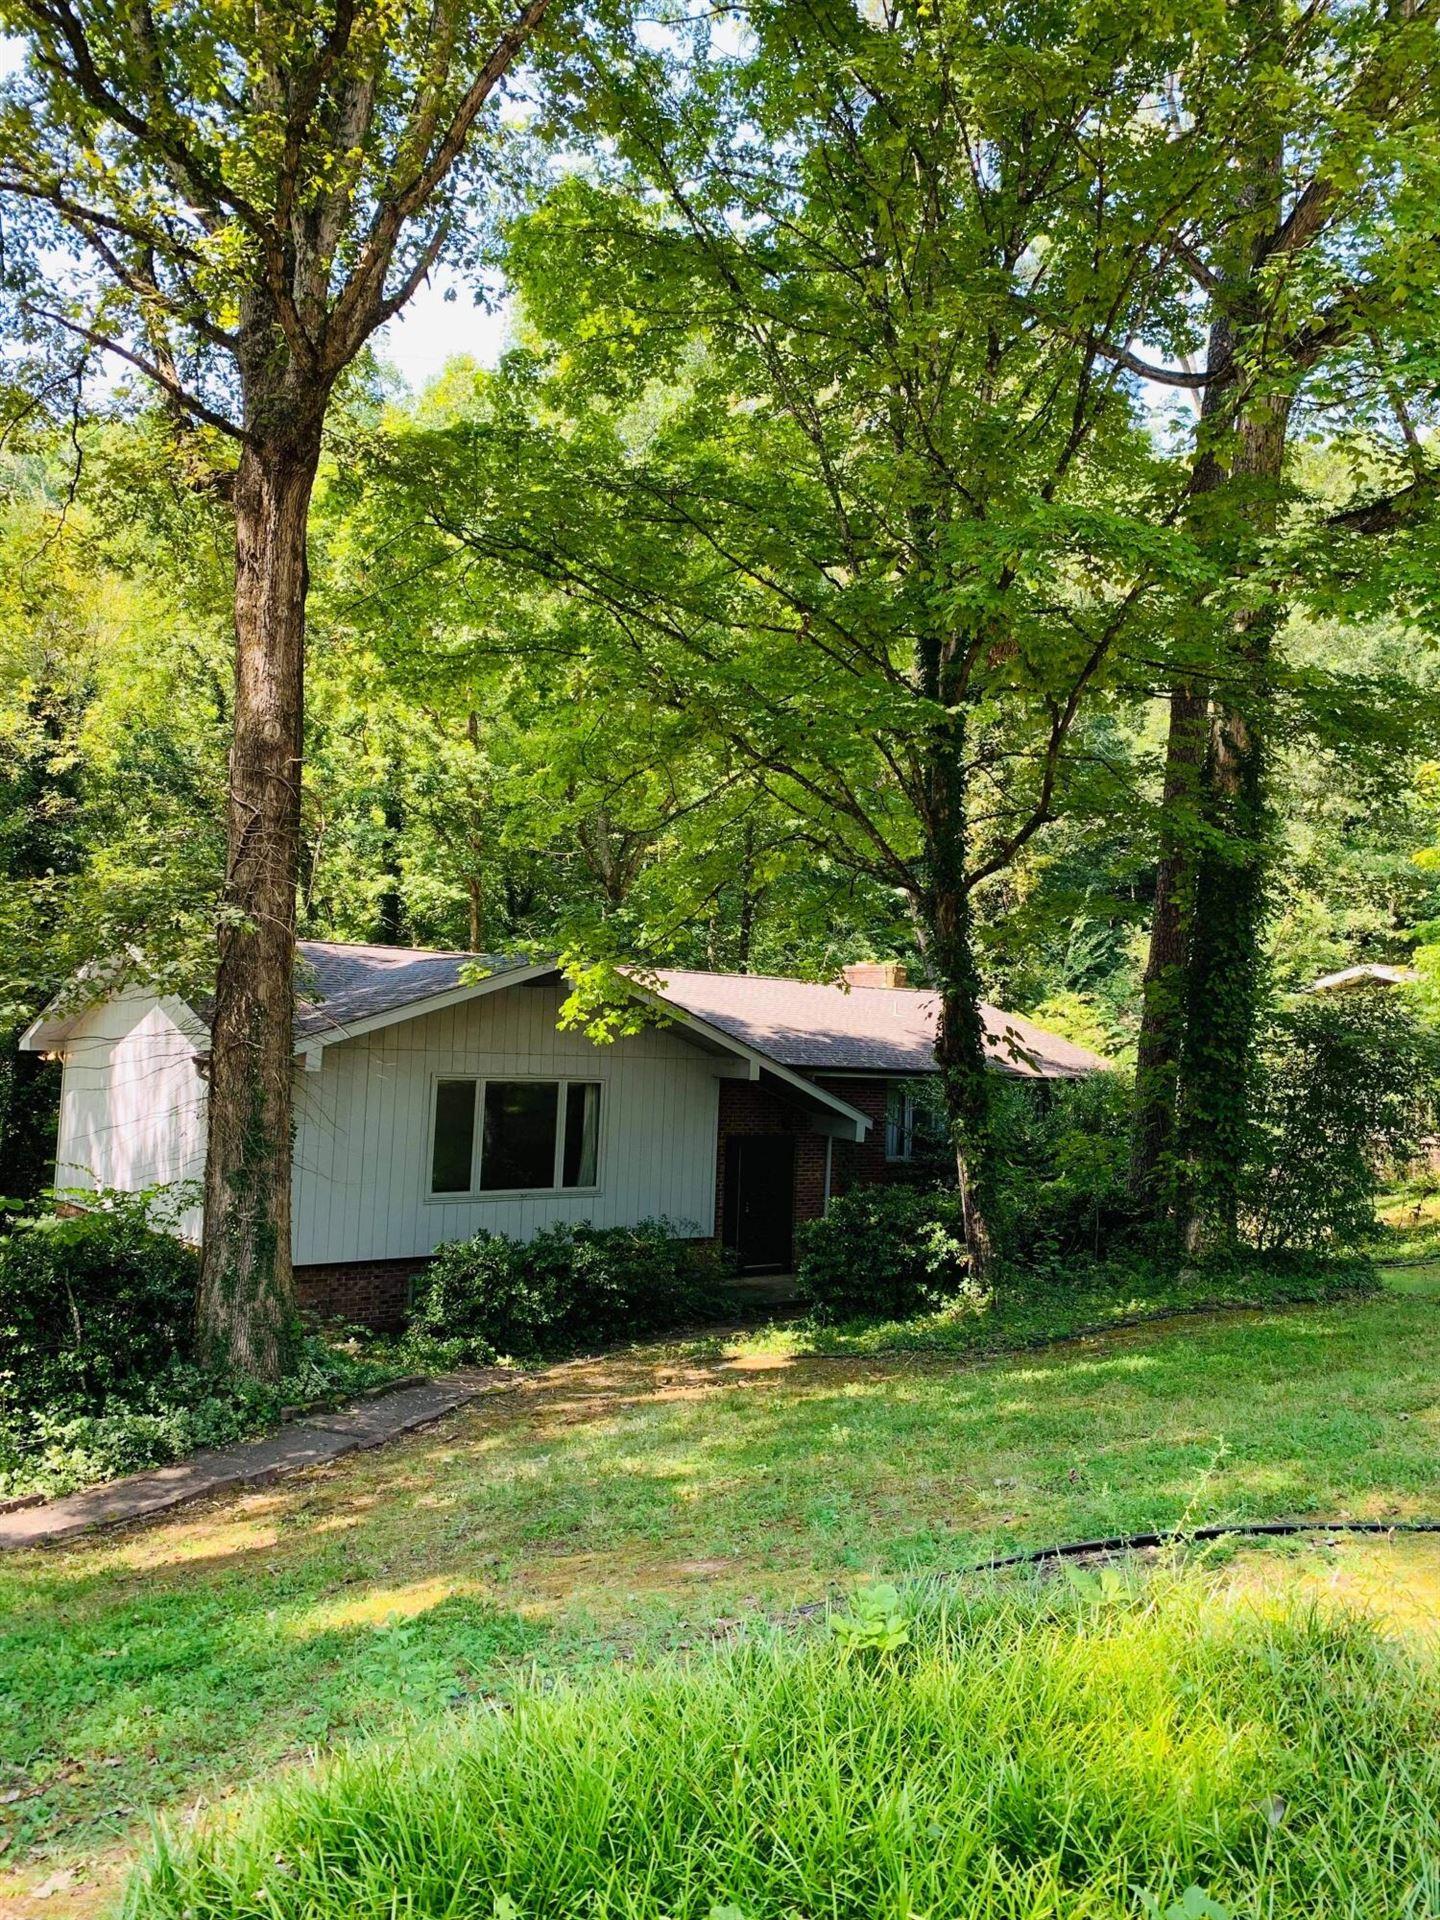 Photo of 111 Balsam Rd, Oak Ridge, TN 37830 (MLS # 1167222)